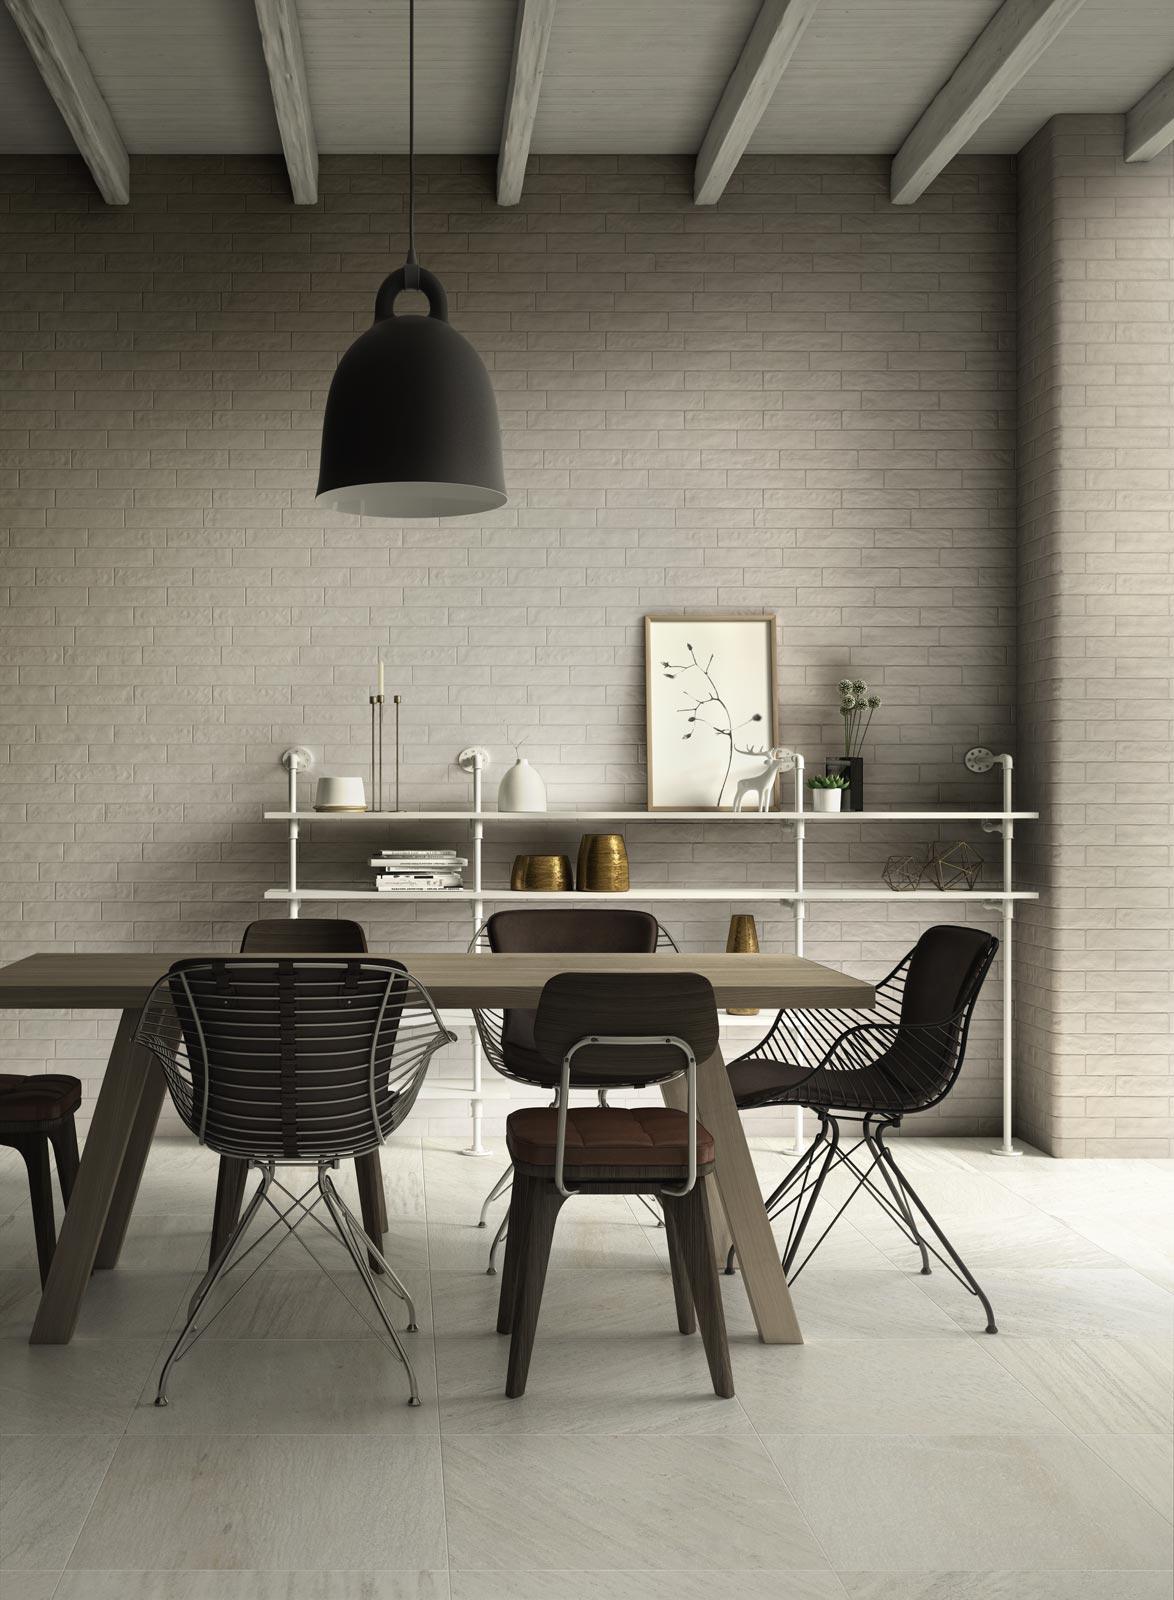 Disegno » Piastrelle Cucina Effetto Mattone - Ispirazioni Design ...